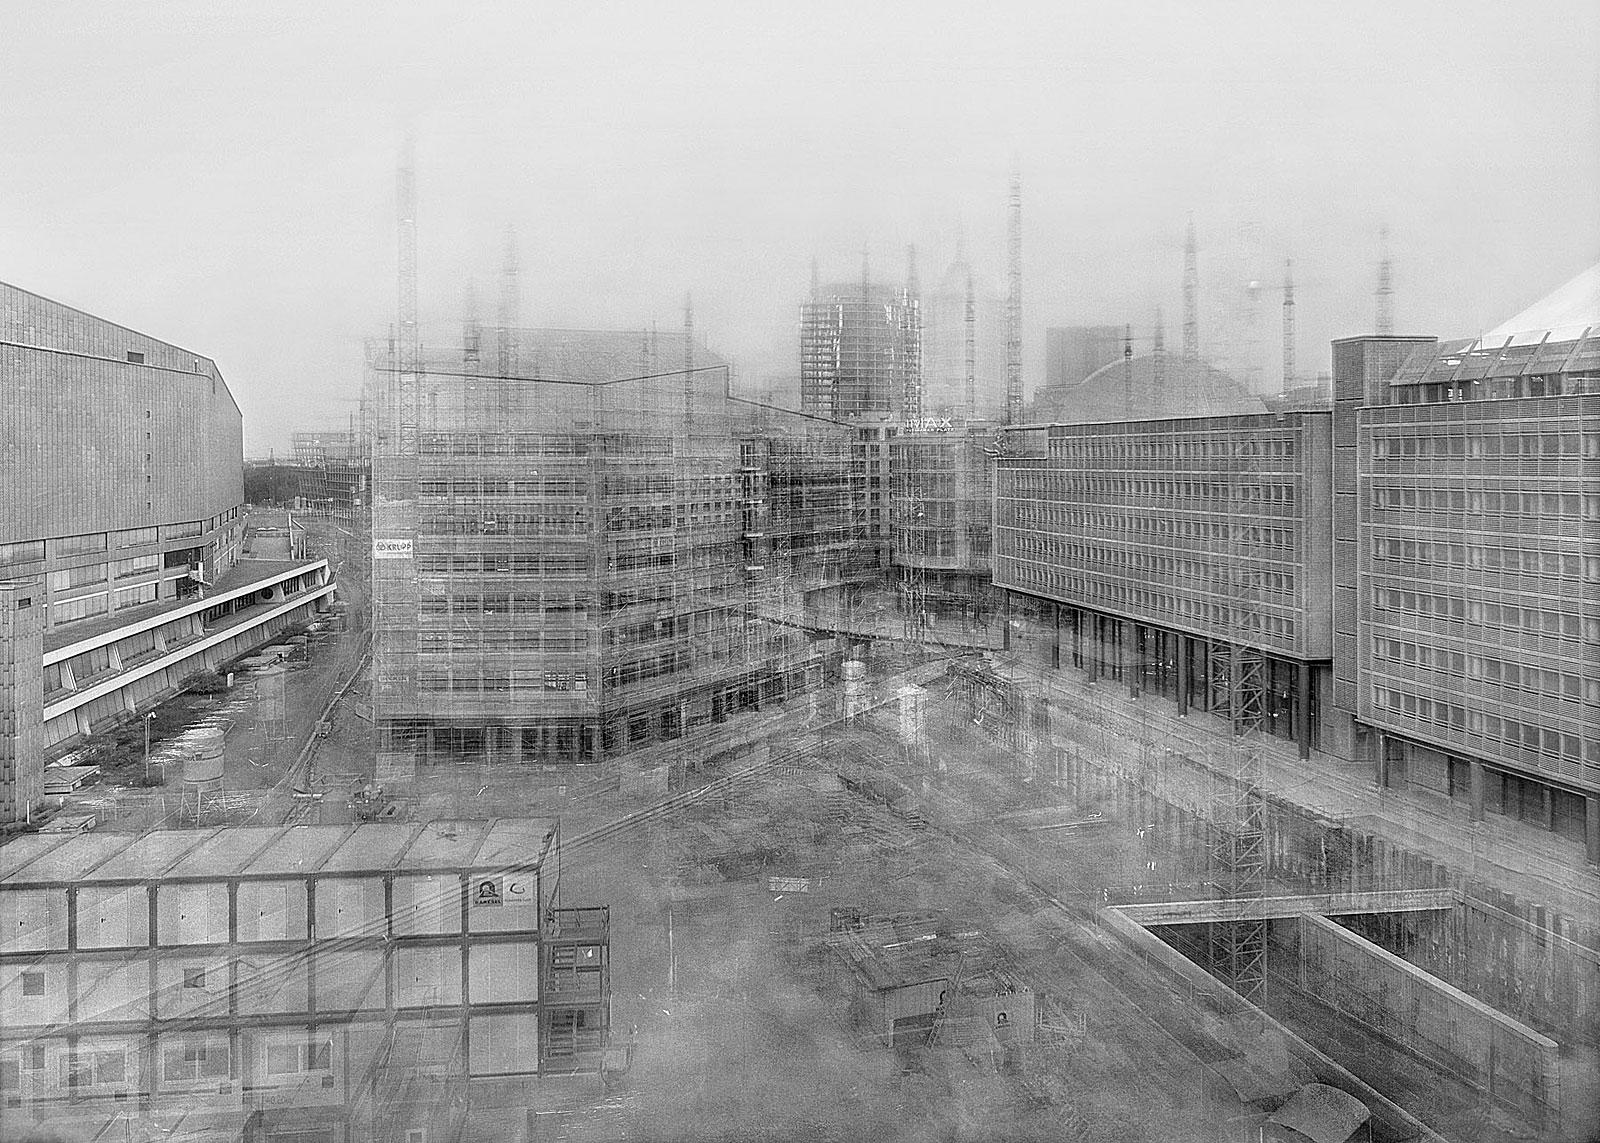 Potsdamer Platz, Berlin (5.4.1997 – 3.6.1999)